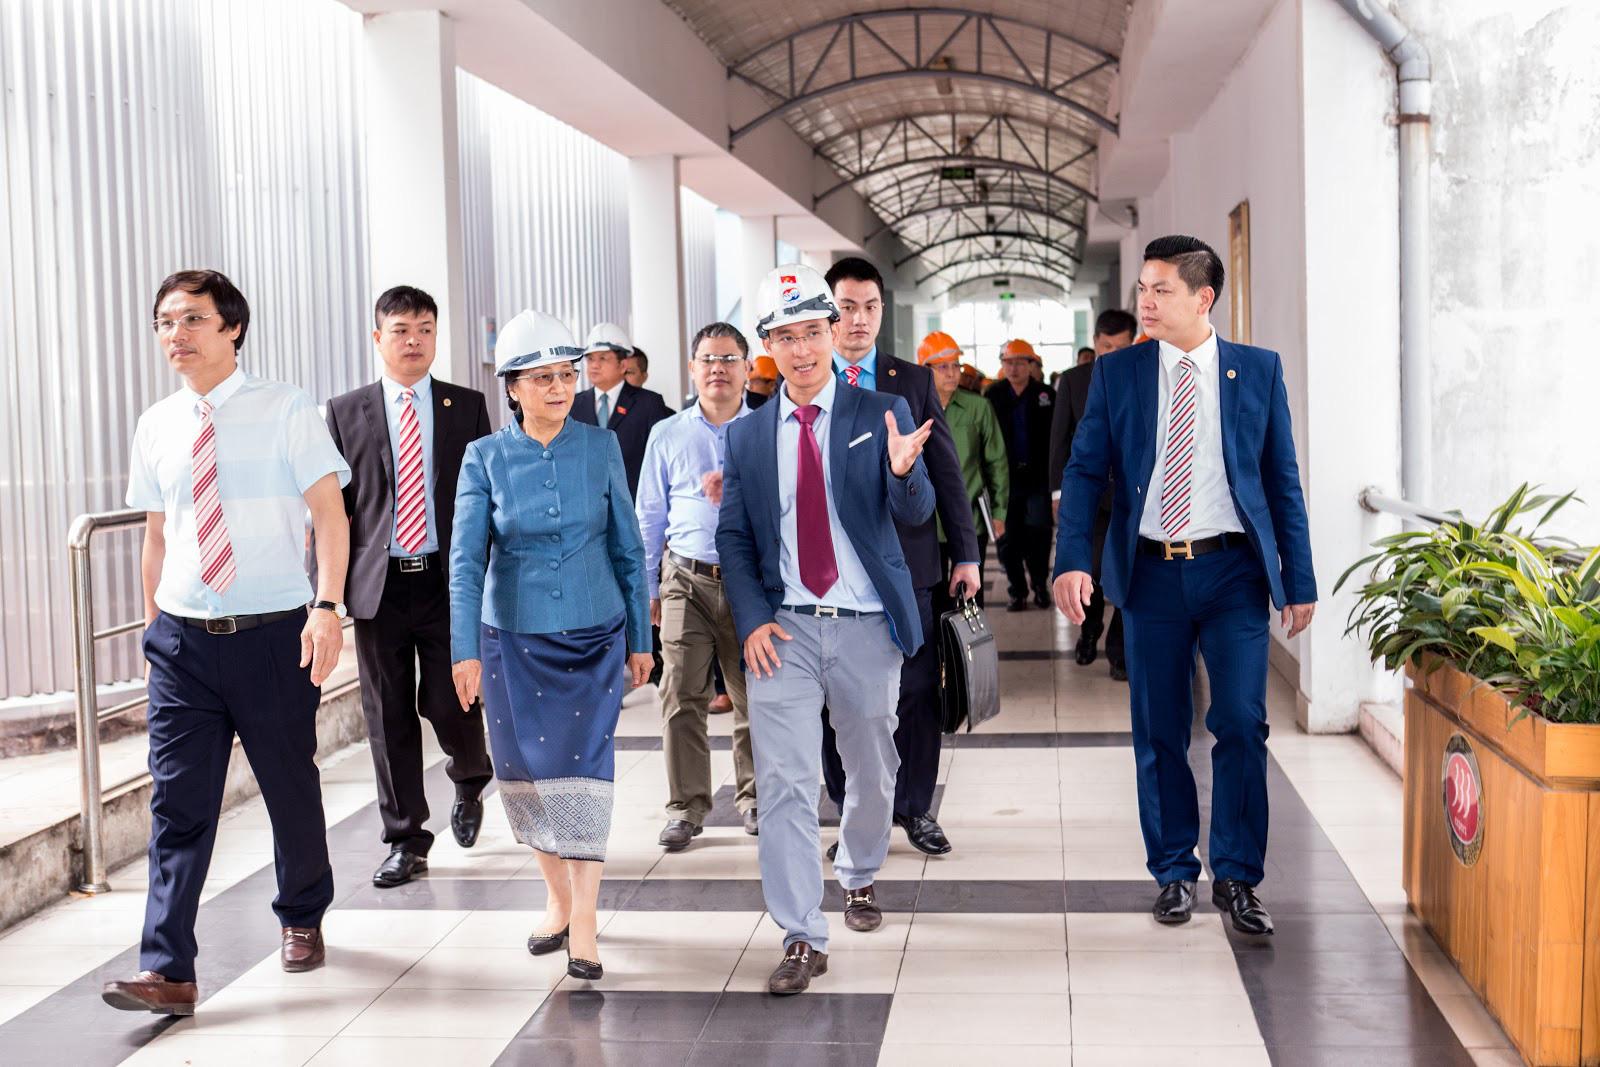 Đại học Công nghệ Đông Á, ngôi trường có triết lý giáo dục mang hơi thở cuộc cách mạng công nghiệp 4.0 - Ảnh 2.